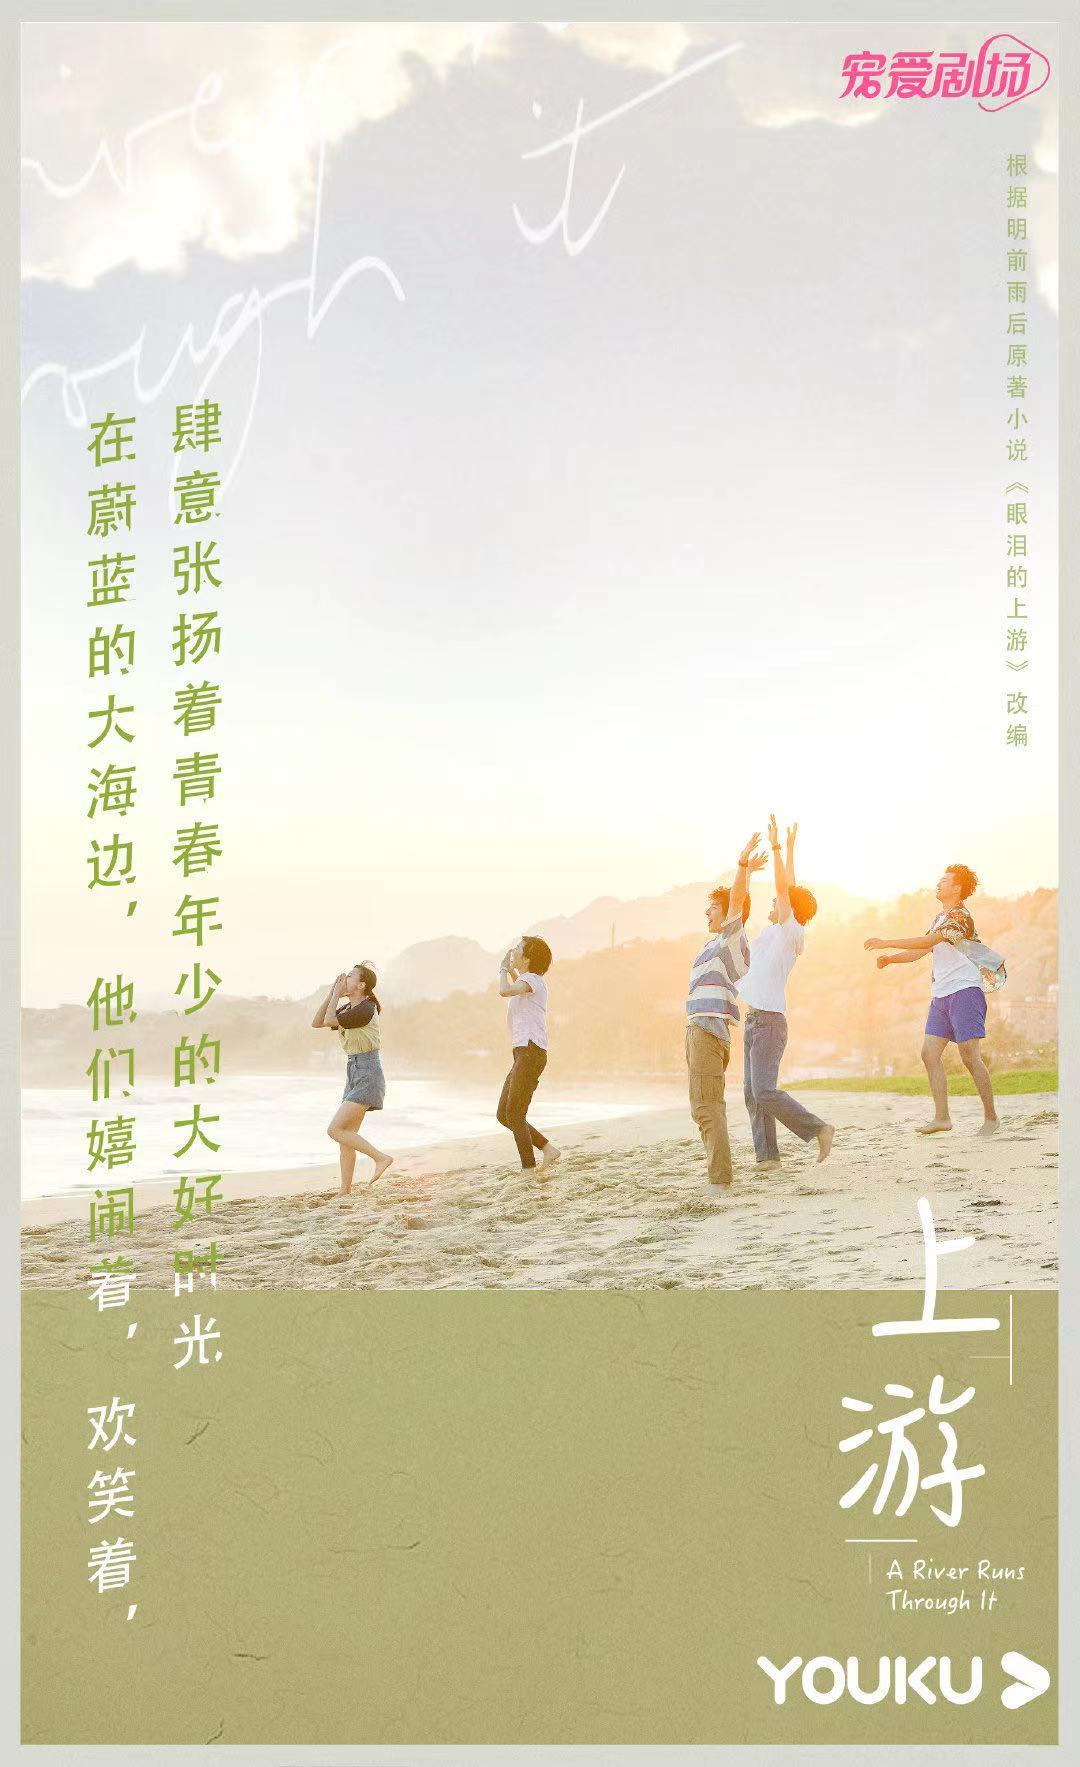 """《上游》官宣定档8.2 陈博豪为角色再次""""意难平"""""""